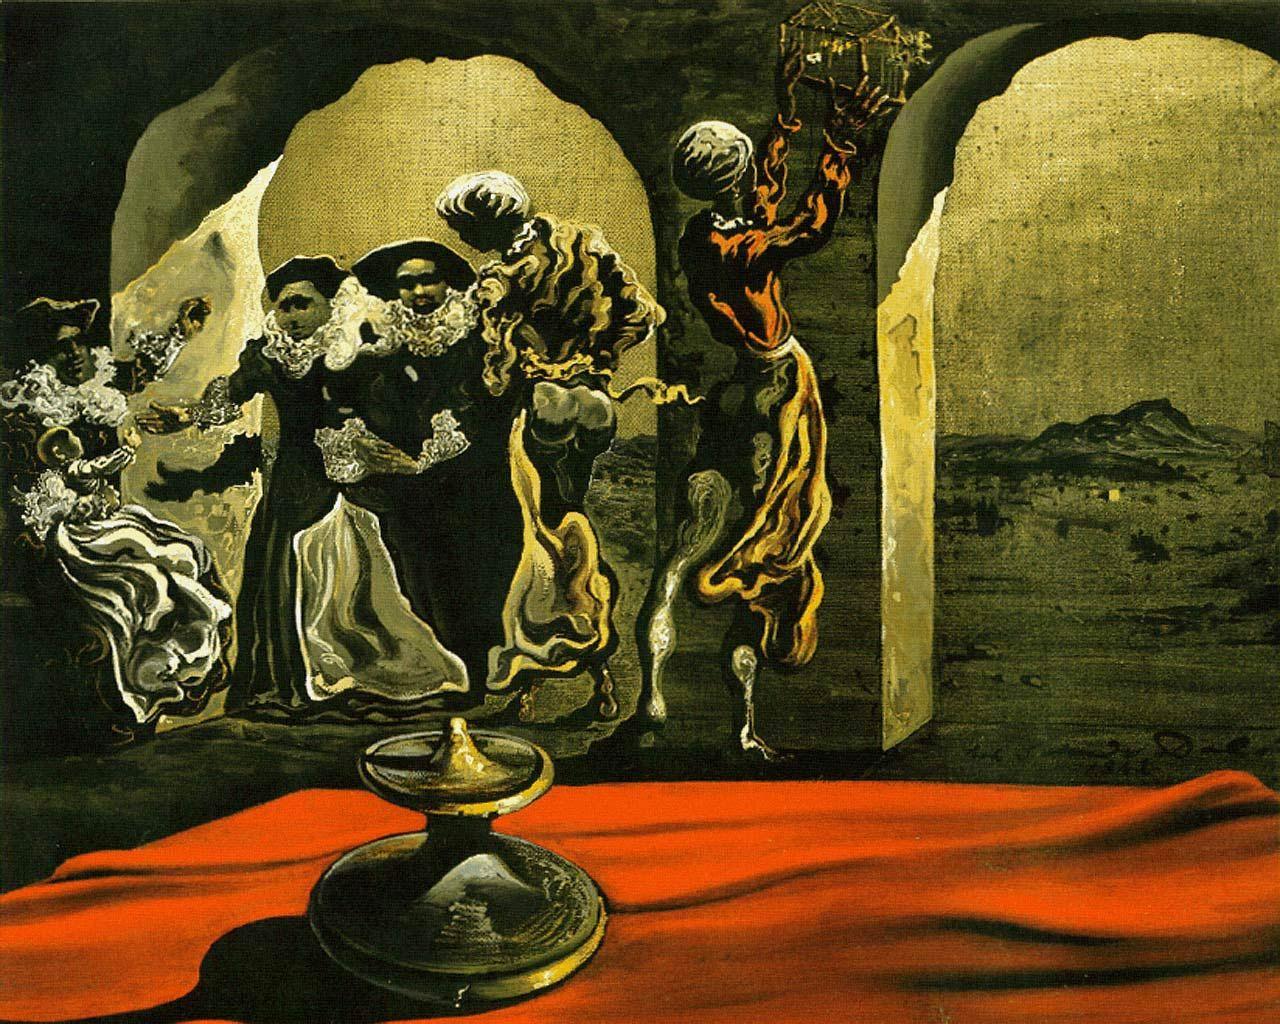 Widescreen Salvador Dali Wallpaper Salvador Dali Wallpaper